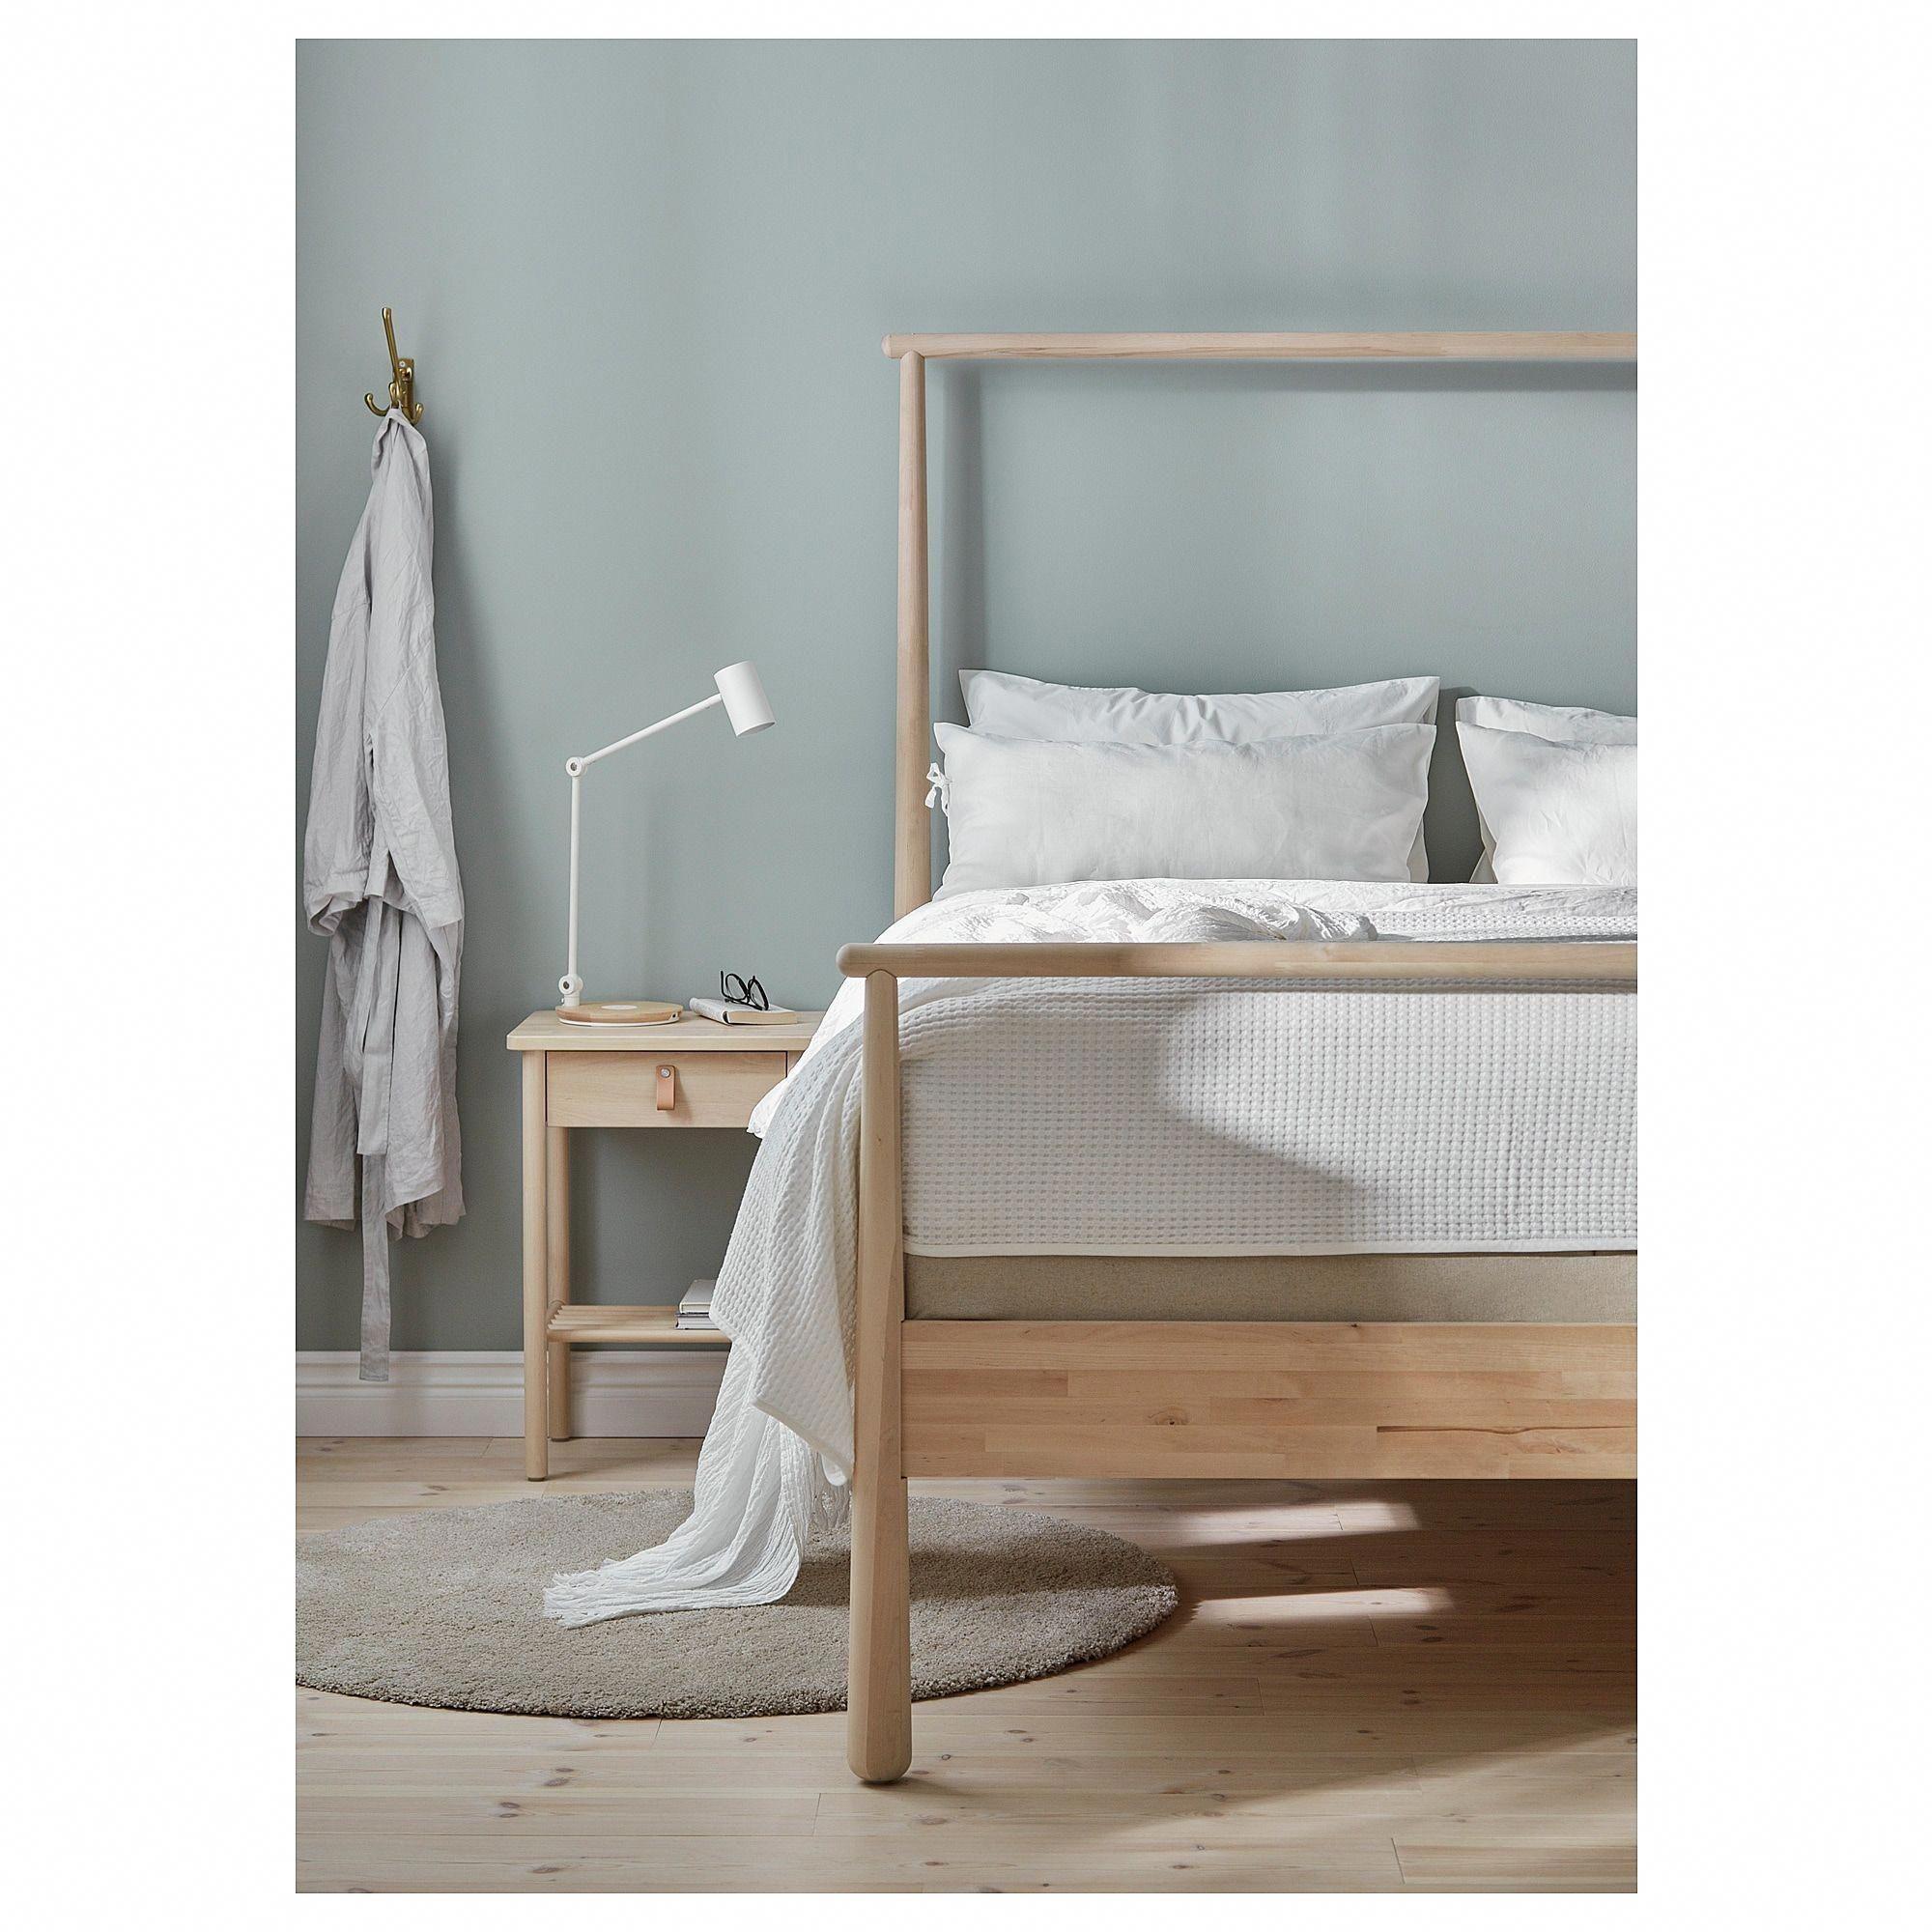 IKEA GJORA Birch, Luröy Bed frame beds in 2020 Ikea bed